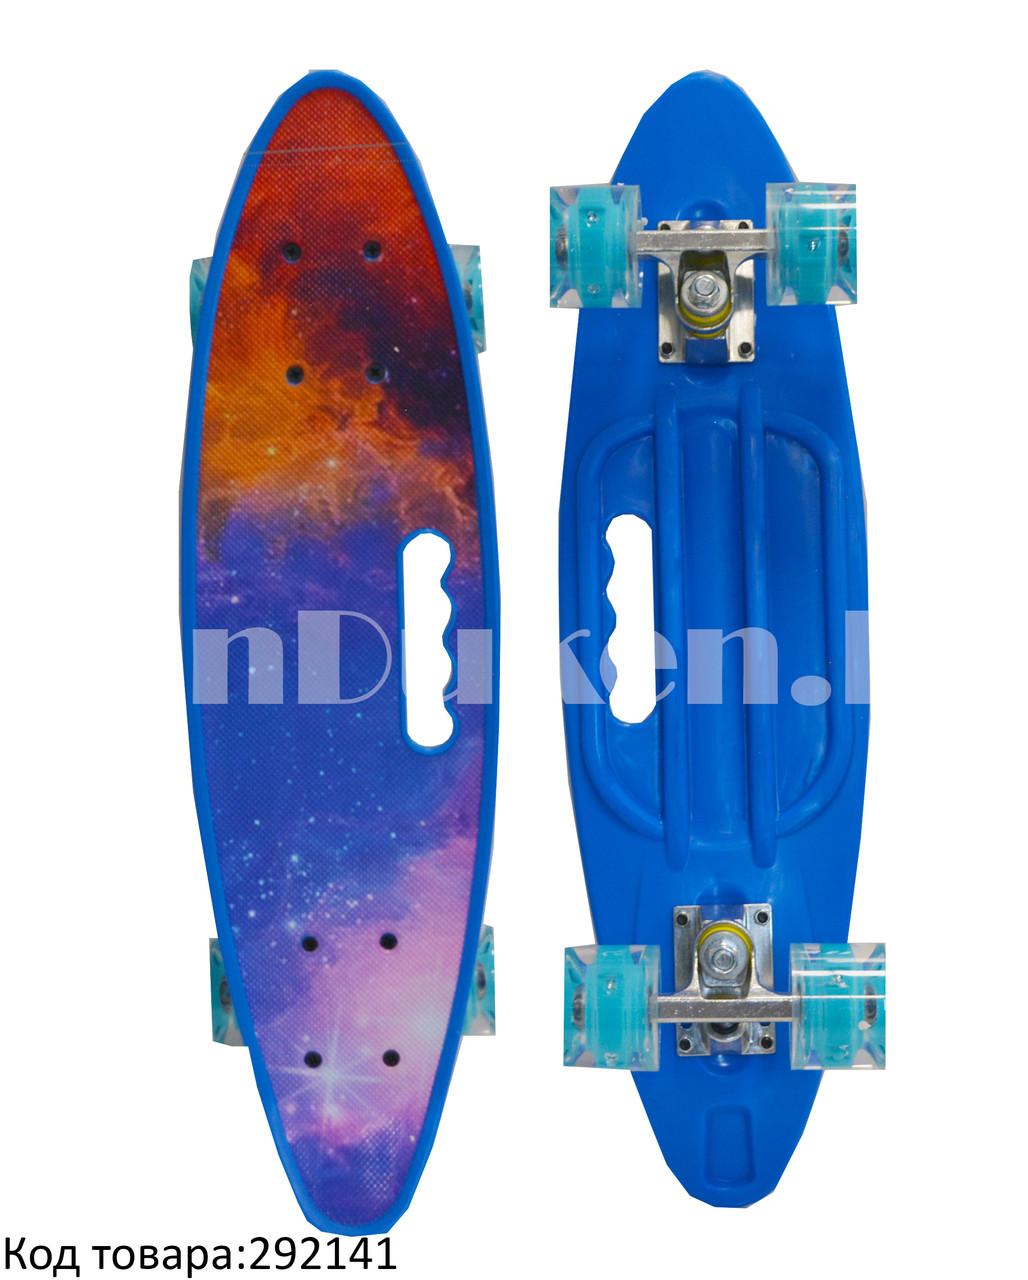 Лонгборд подростковый 59*16 Penny Board с ручкой и со светящимися колесами (пенни борд) Космос - фото 1